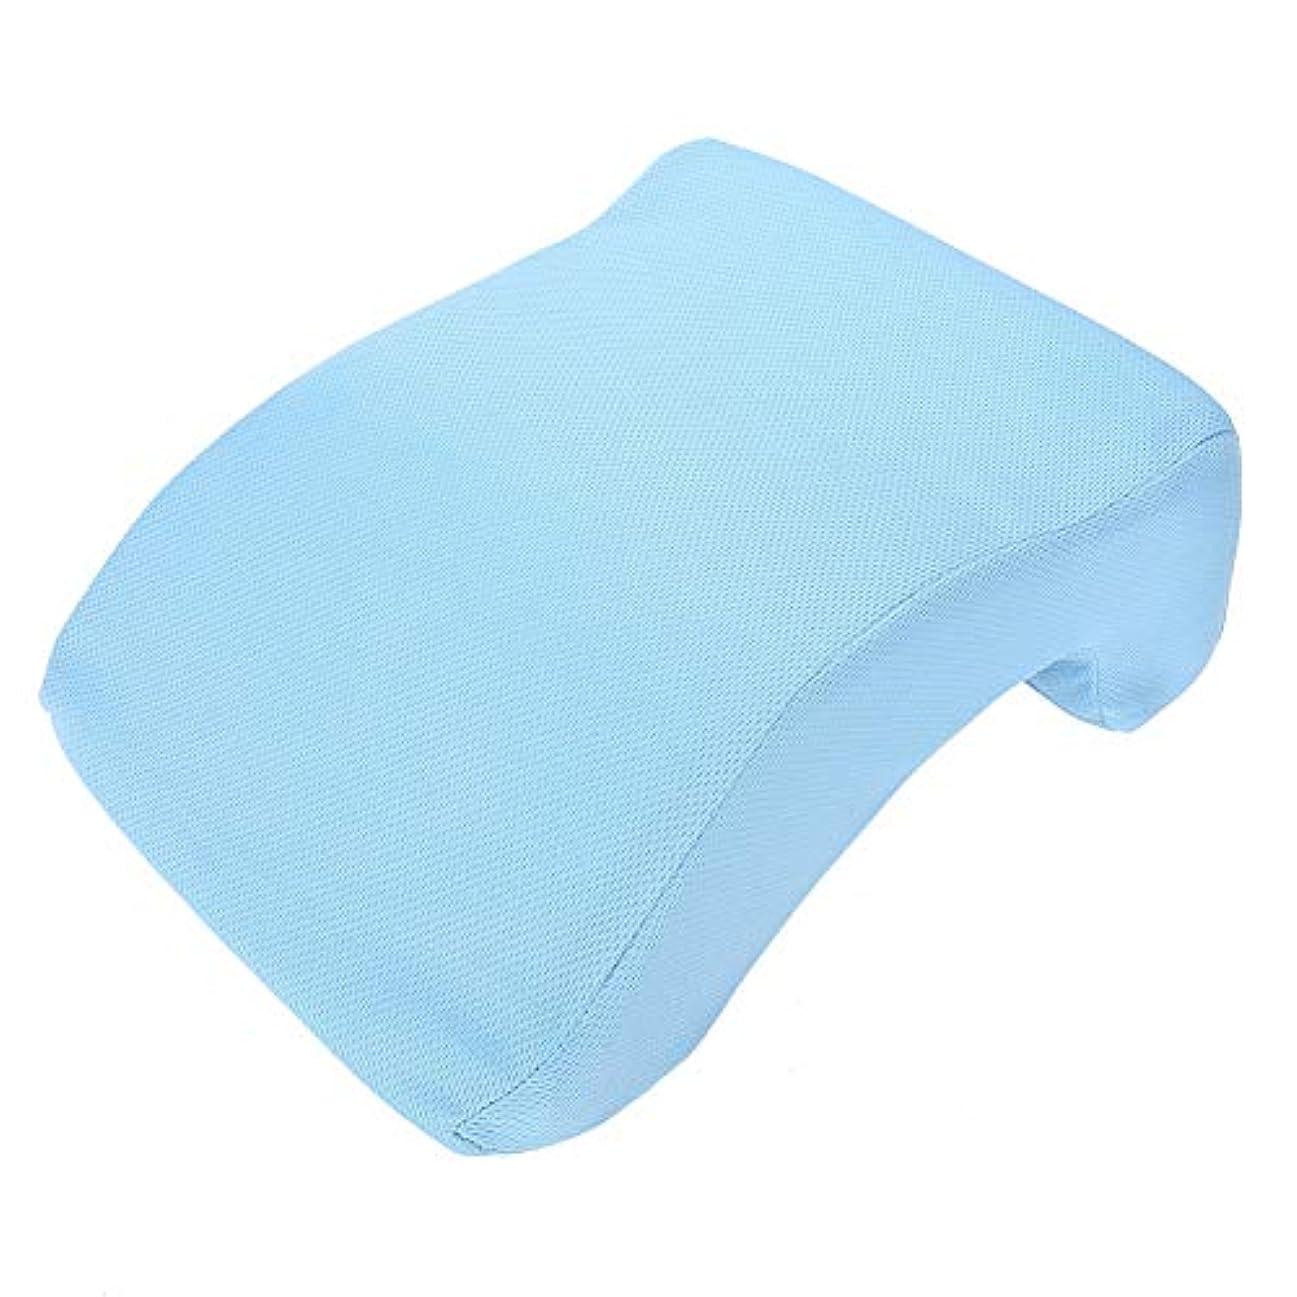 ジャム費やす不名誉な低反発まくら ピロー マッサージ枕 首?頭?肩をやさしく支える 安眠枕 快眠グッズ 柔らかい 洗えるやすい